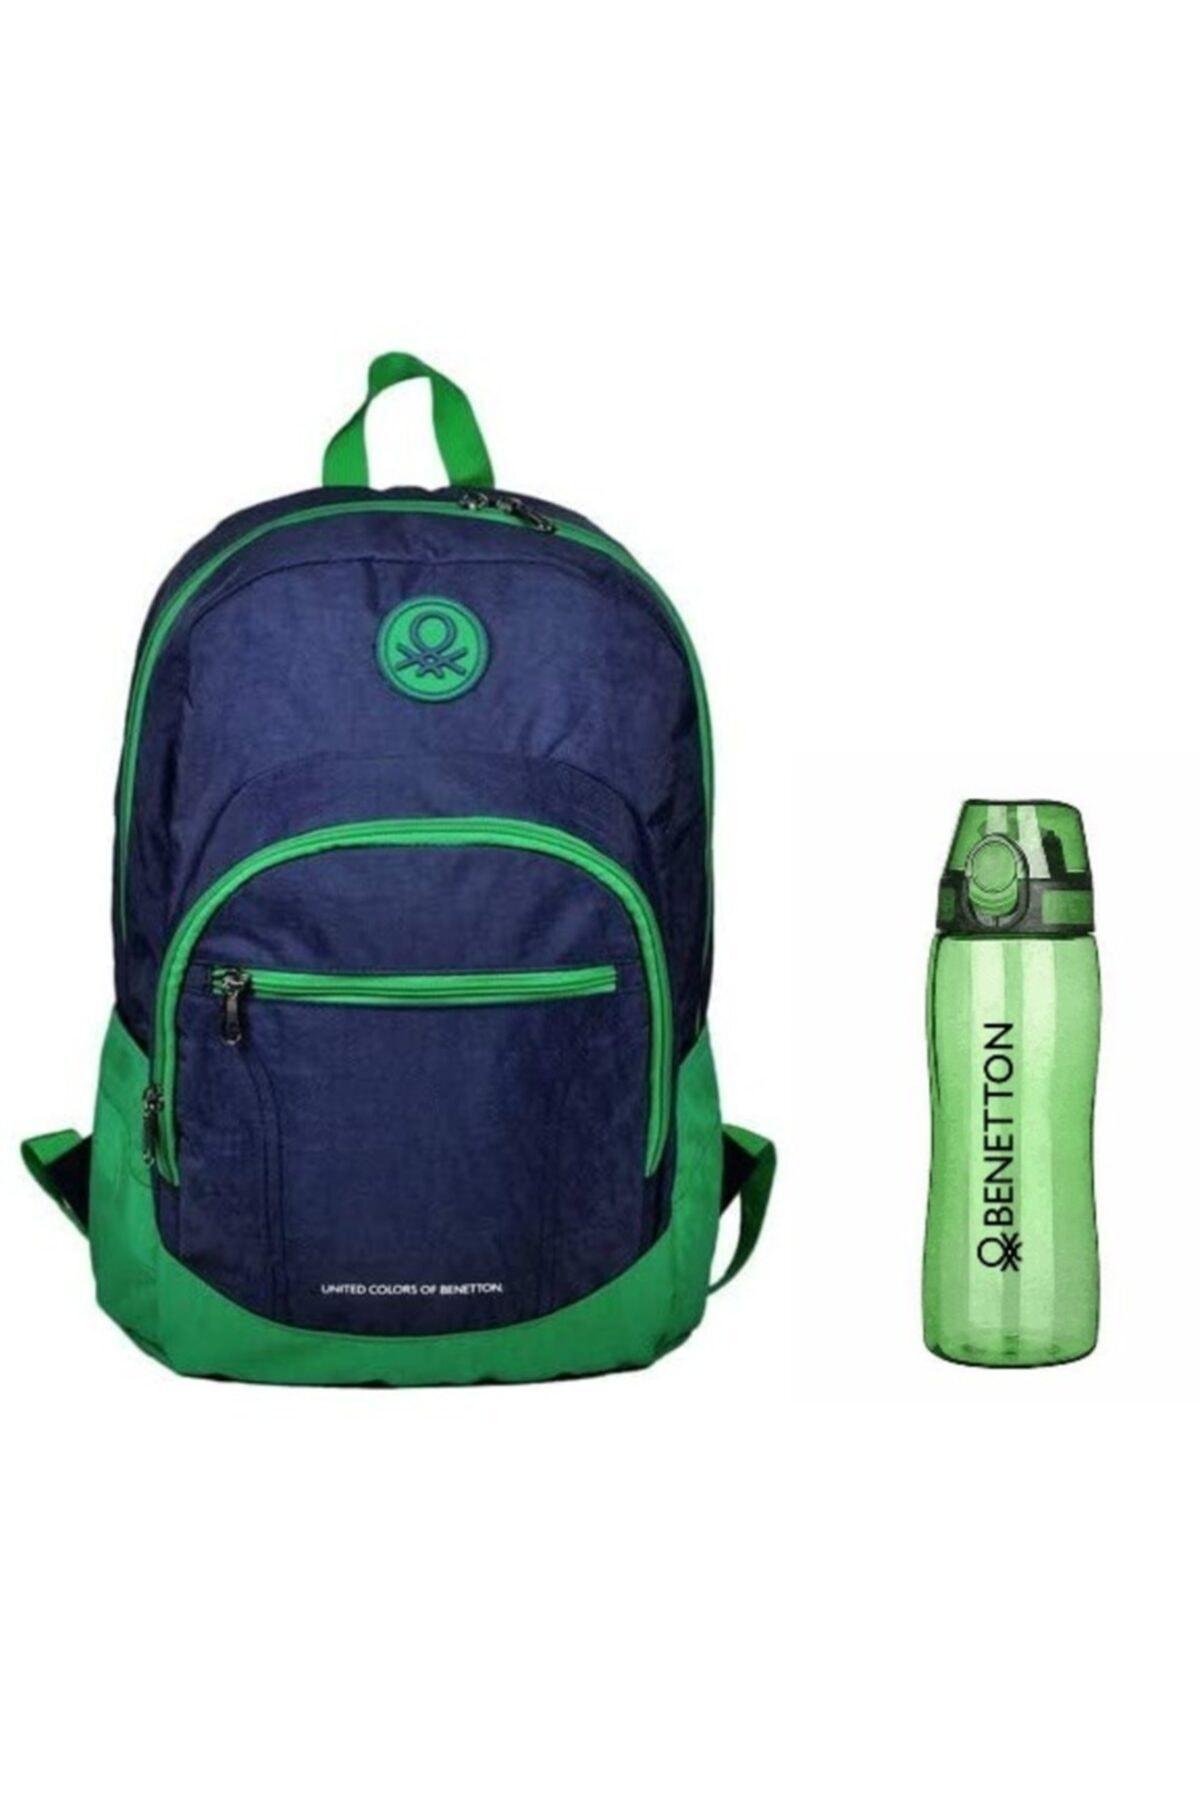 Benetton Lisanslı Okul Ve Spor Sırt Çantası + Tritan Sporcu Matarası Kilitli Kapak 1